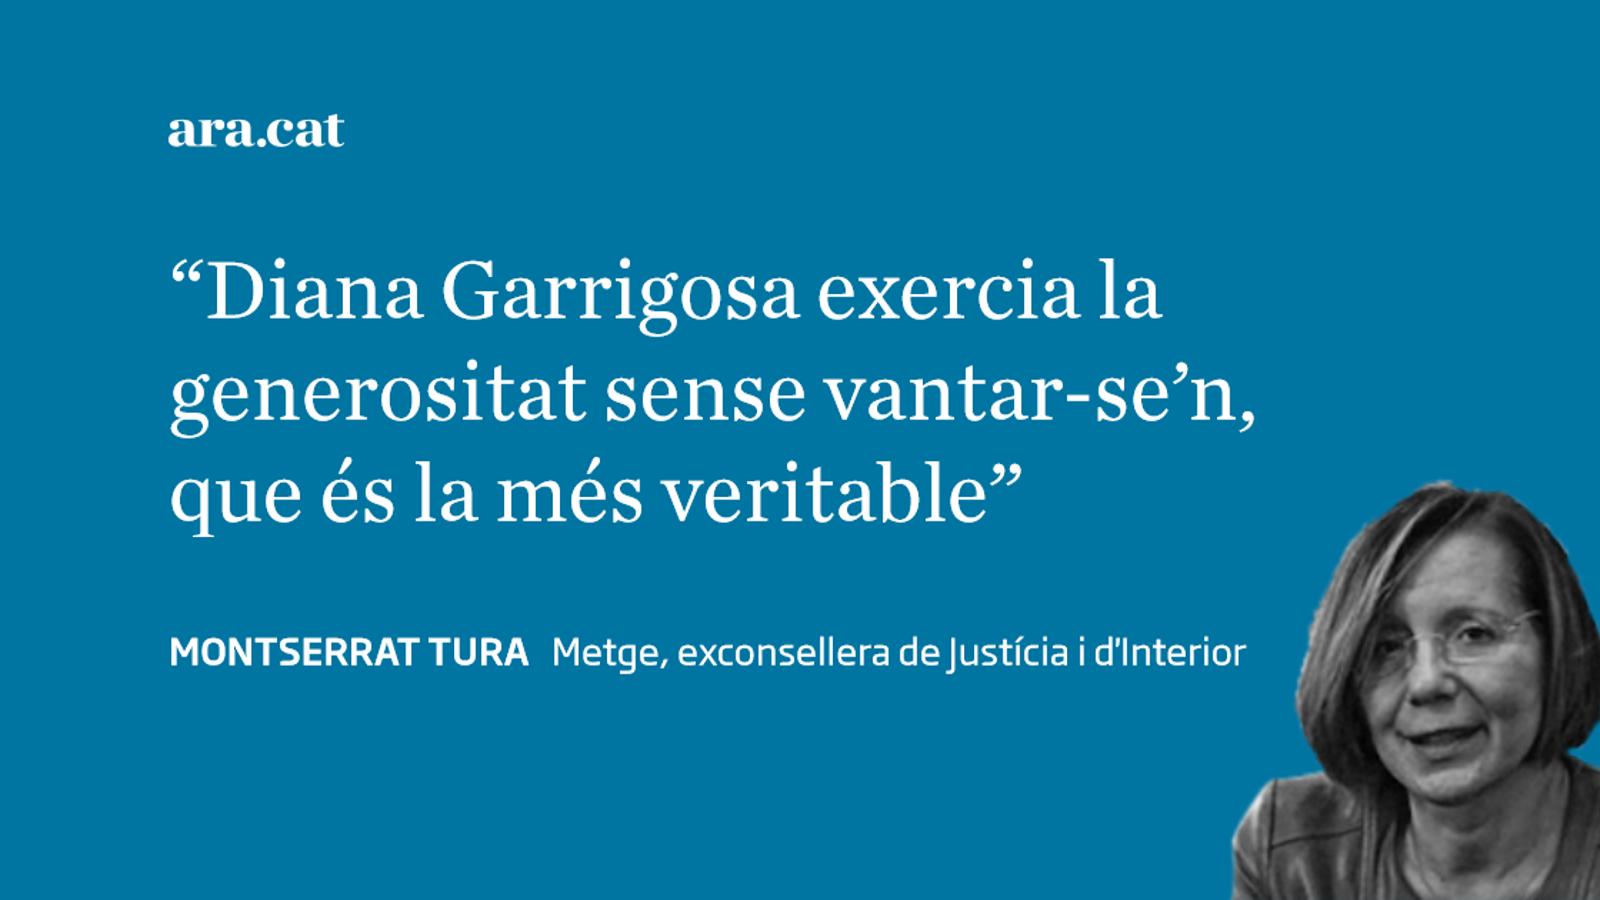 La Garrigosa, el far